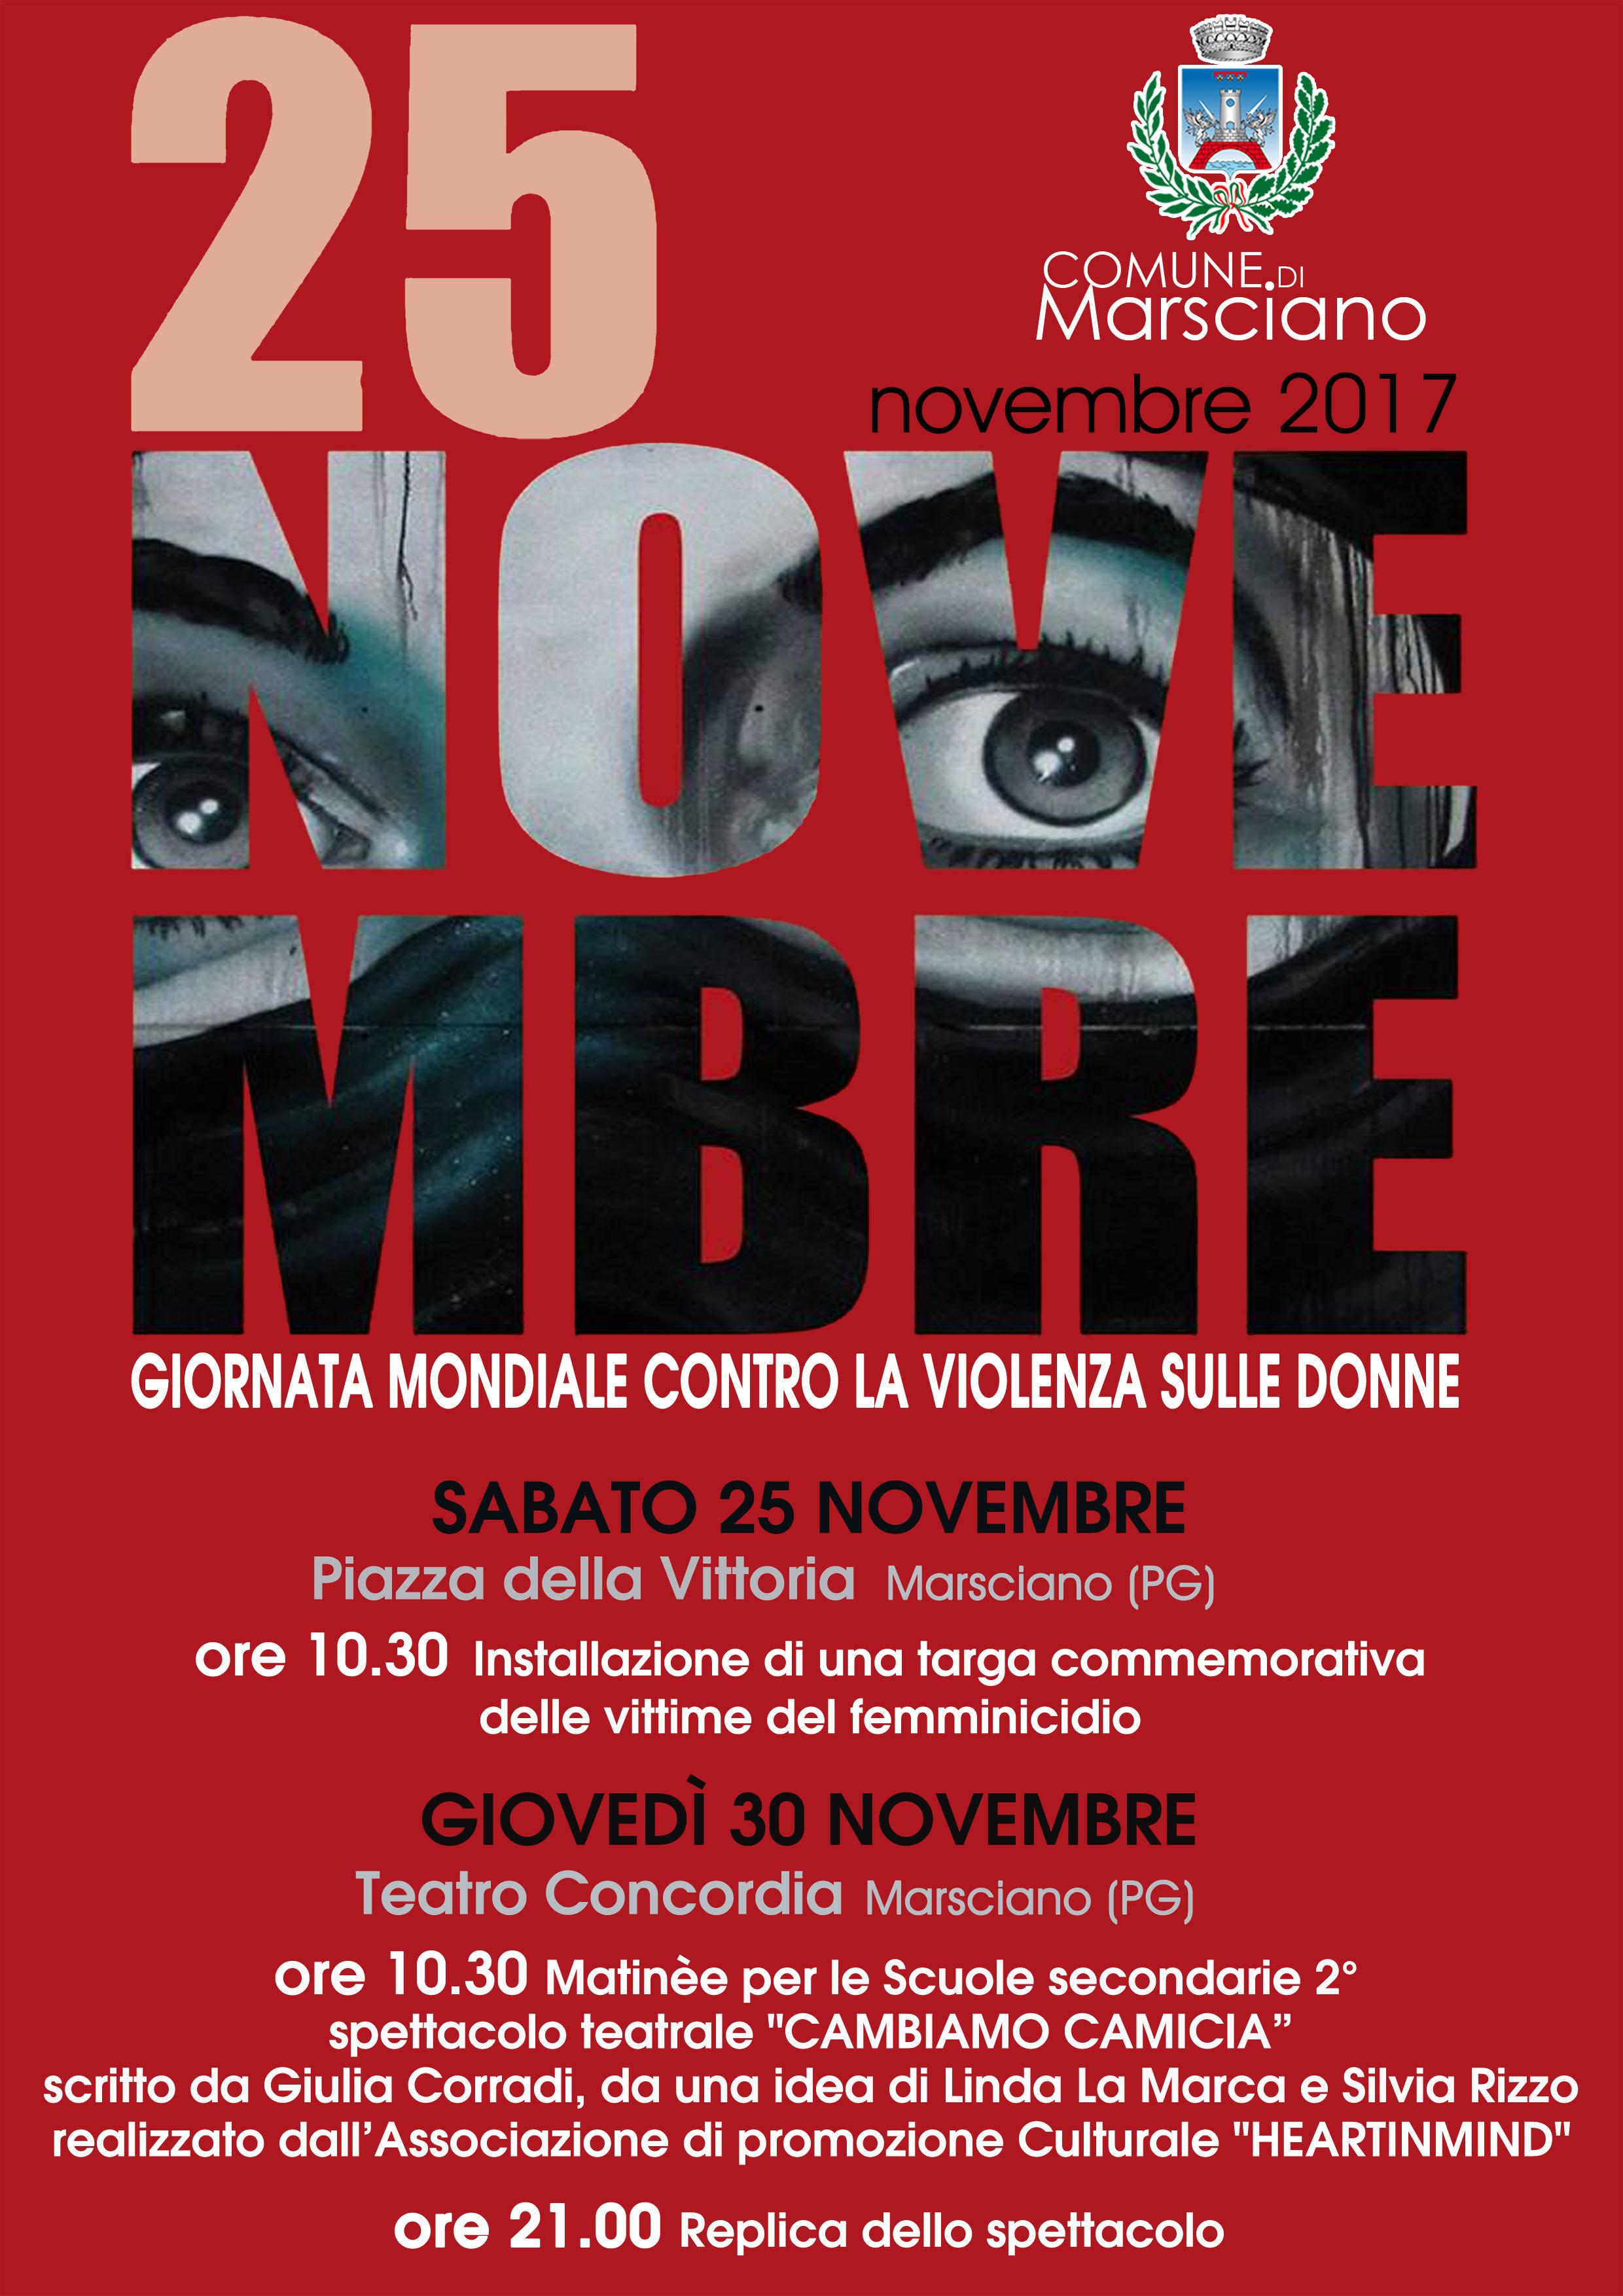 locandina 25 novembre stop violenza sulle donne